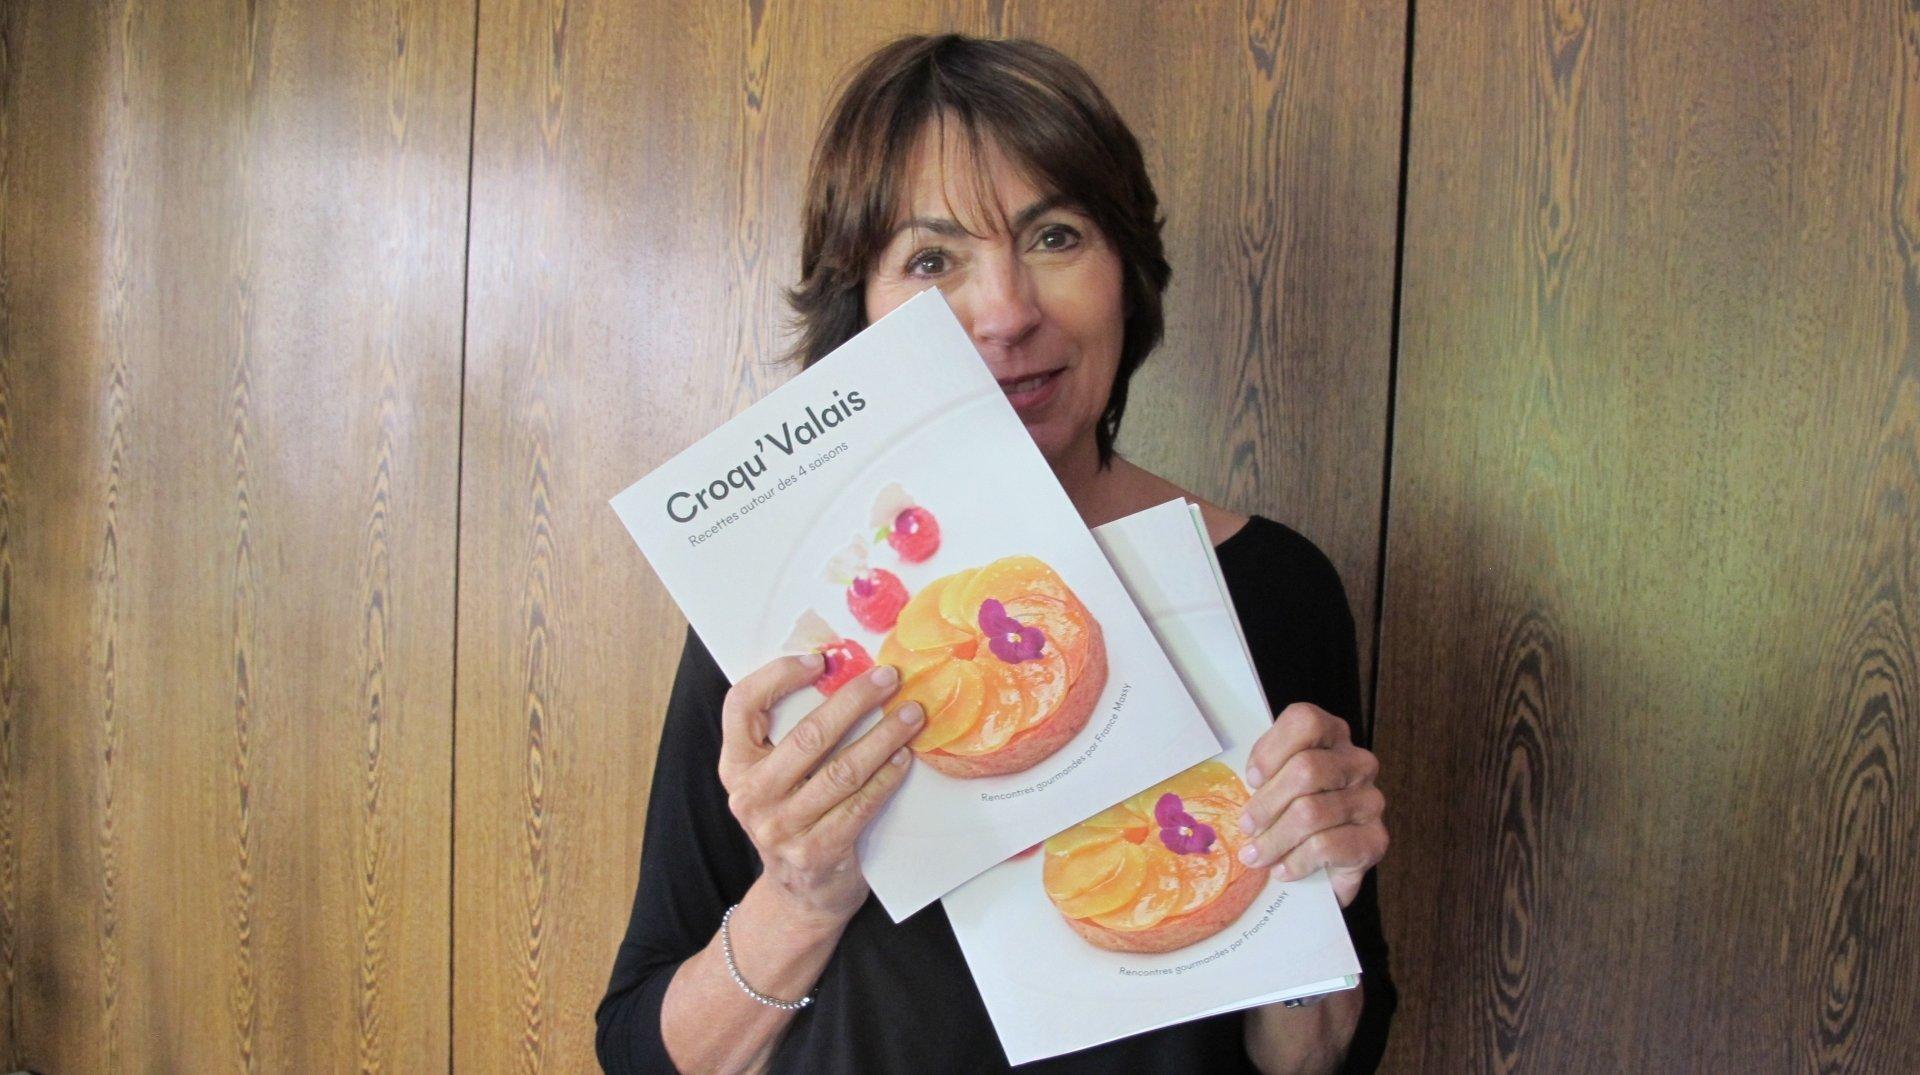 Le livre «Croqu'Valais» nominé au World Cookbook Award